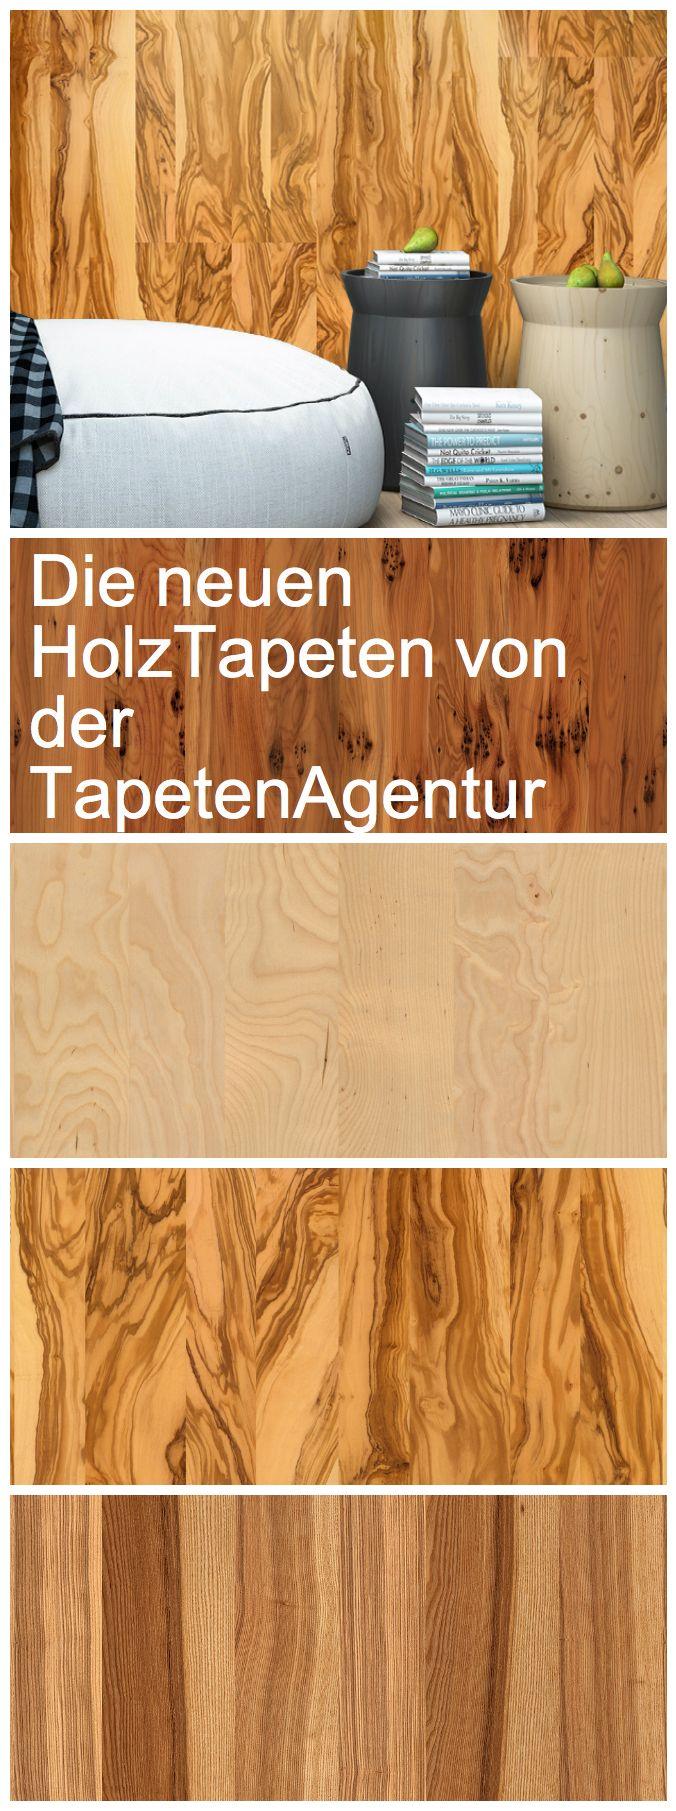 Holztapeten von TapetenAgentur: www.tapetenagentur.de/blog/die-neuen-holztapeten/